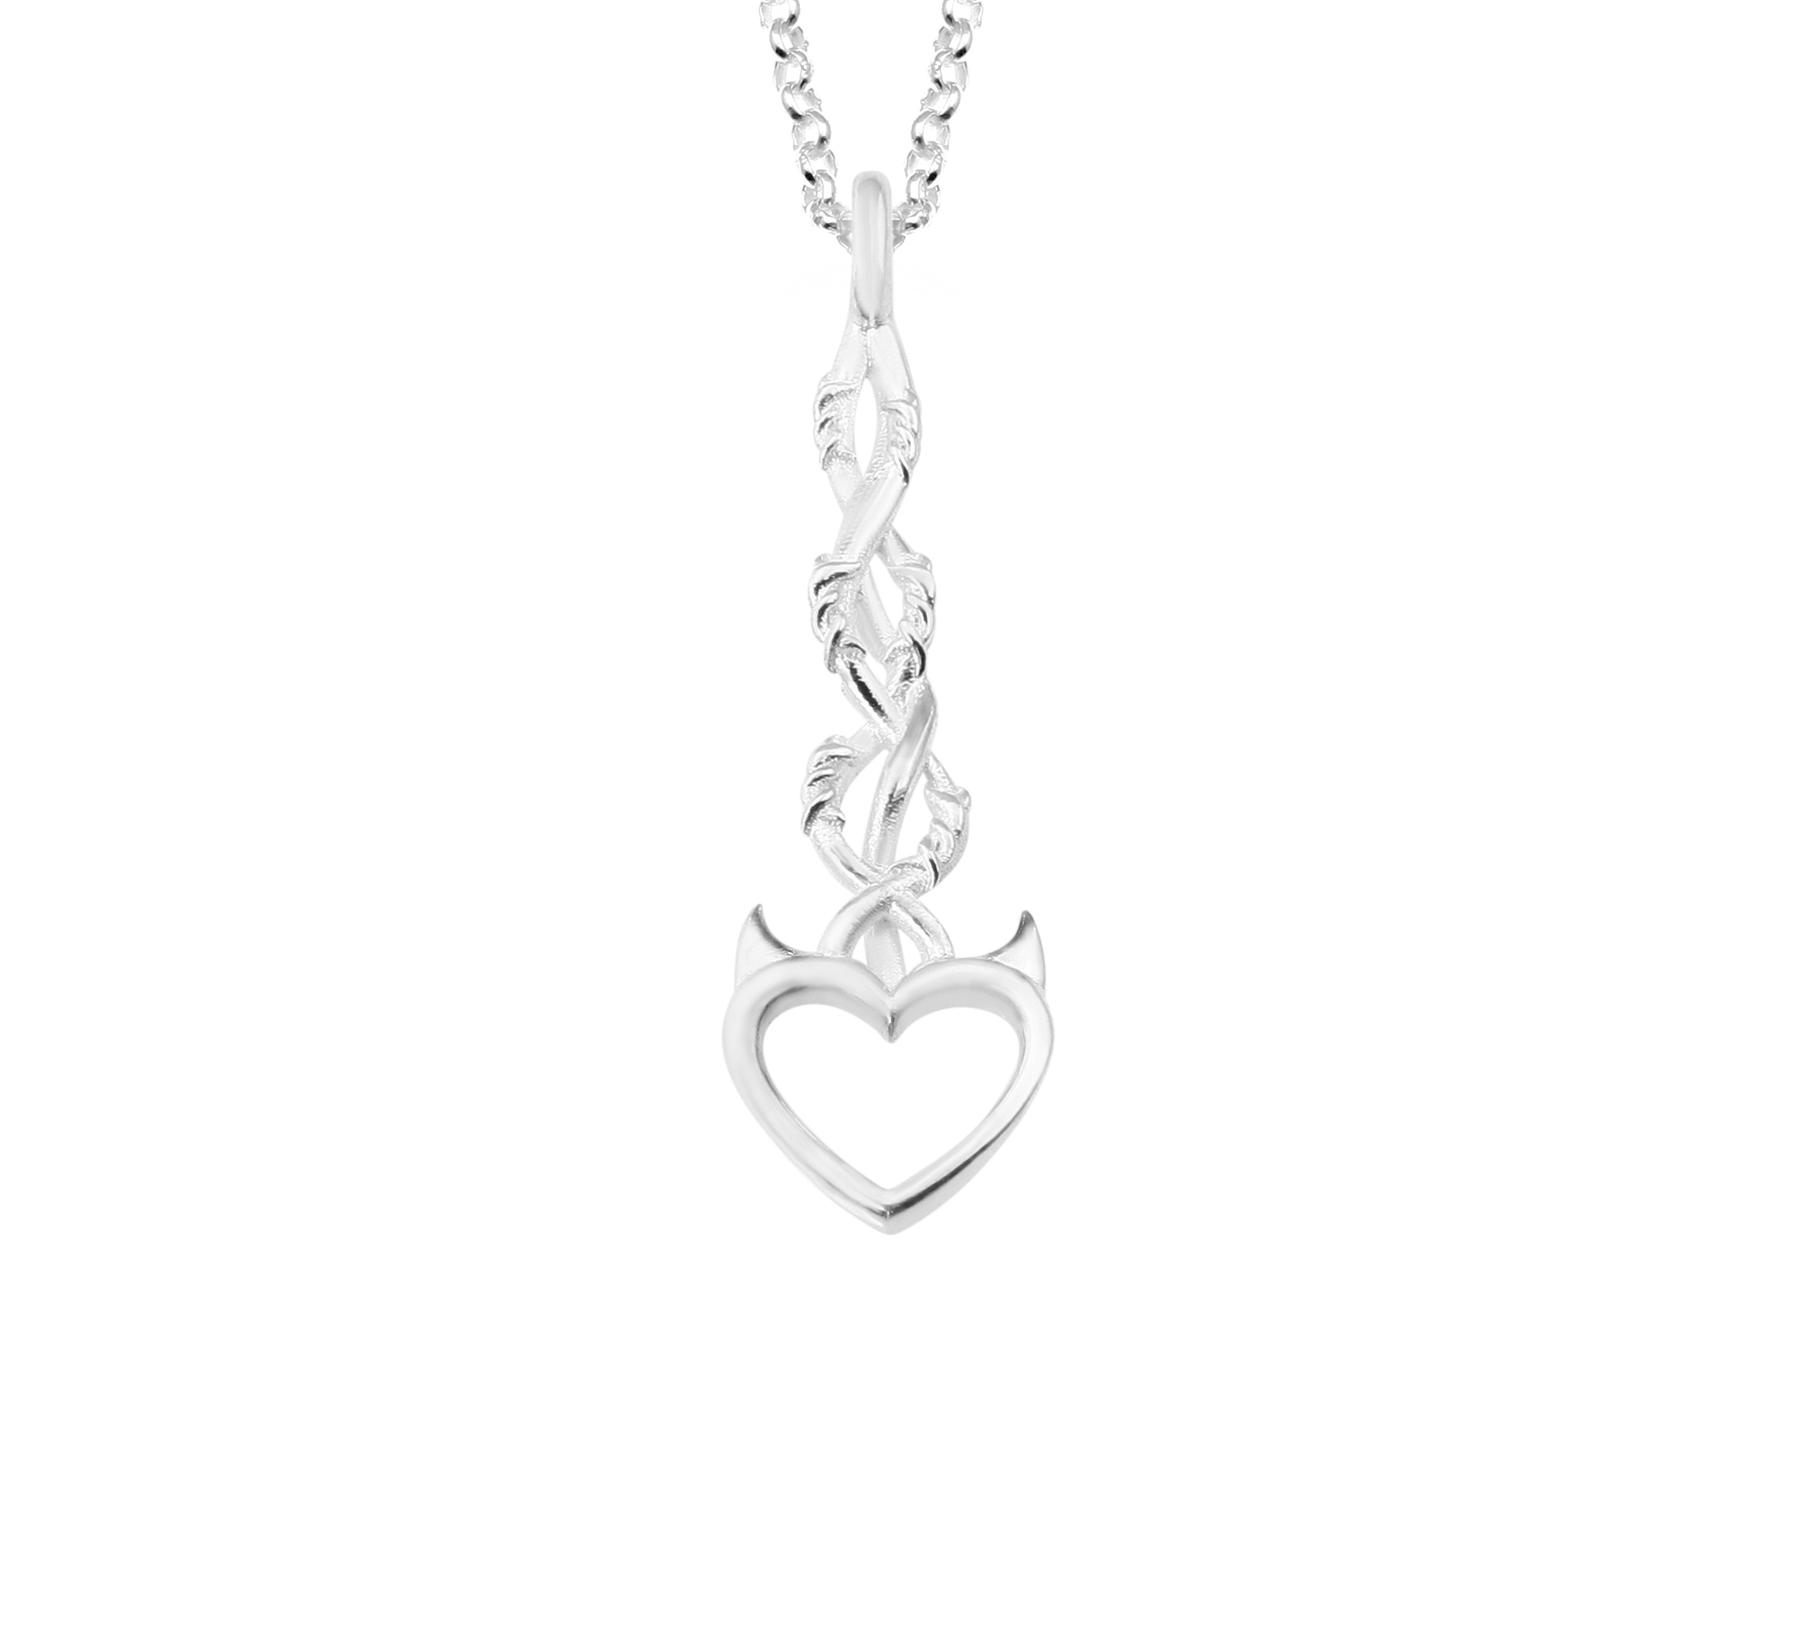 Barb wire heart pendant – MJJ